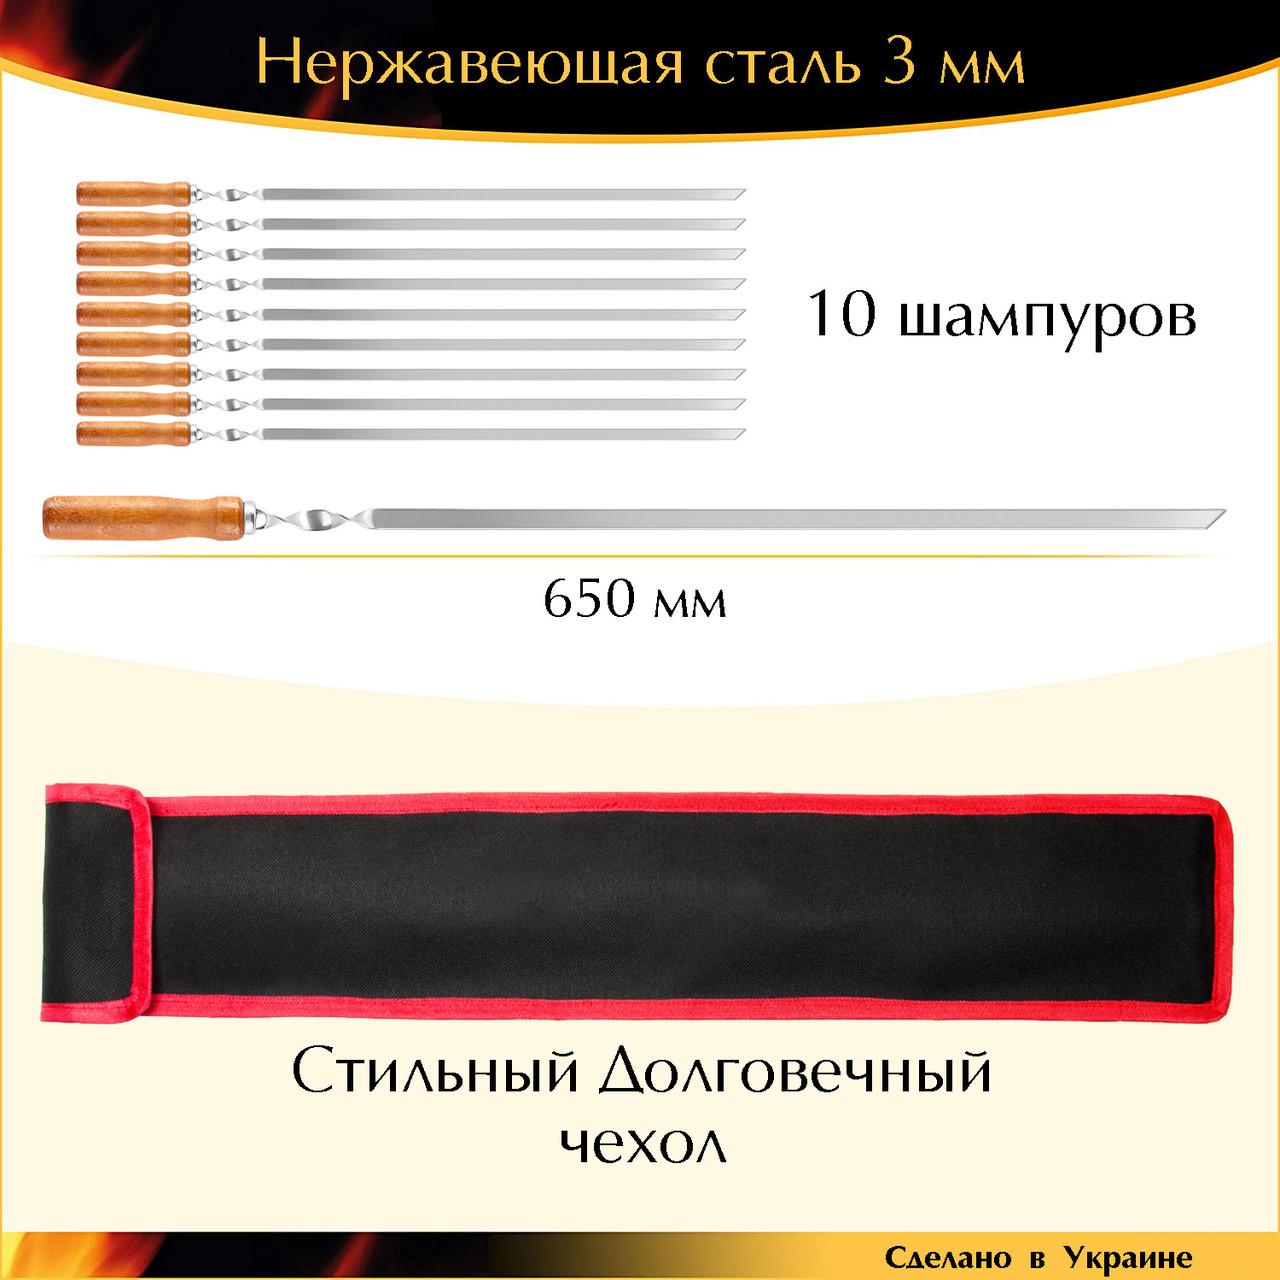 Набір 10 шампурів 650/10/3мм нержавіюча сталь дерев'яна ручка з чохлом Ручна Робота EcoGrill